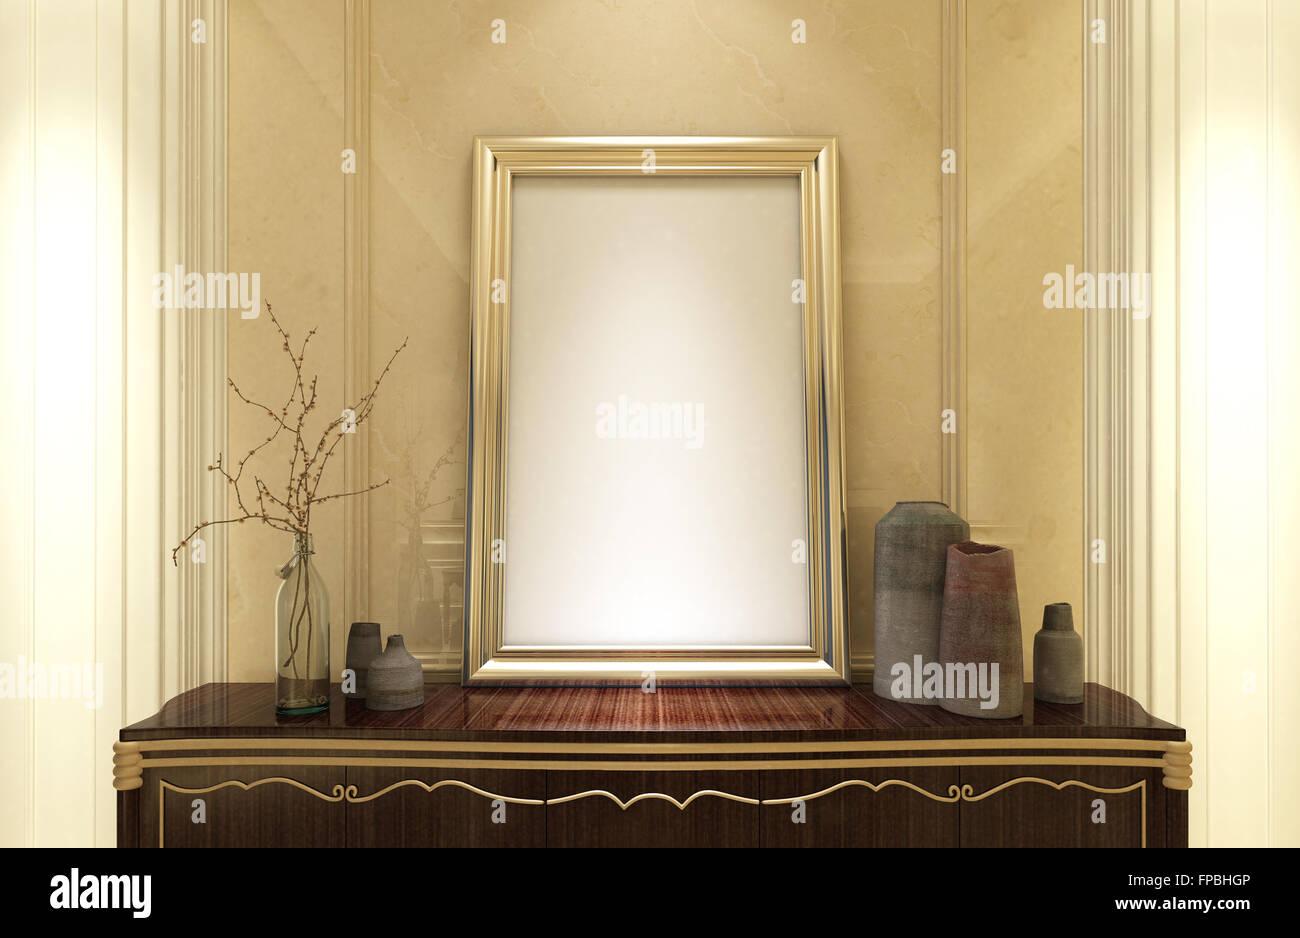 Stilvolle leeren gold Rahmen für Ihr Bild oder Grafik stehen auf ...